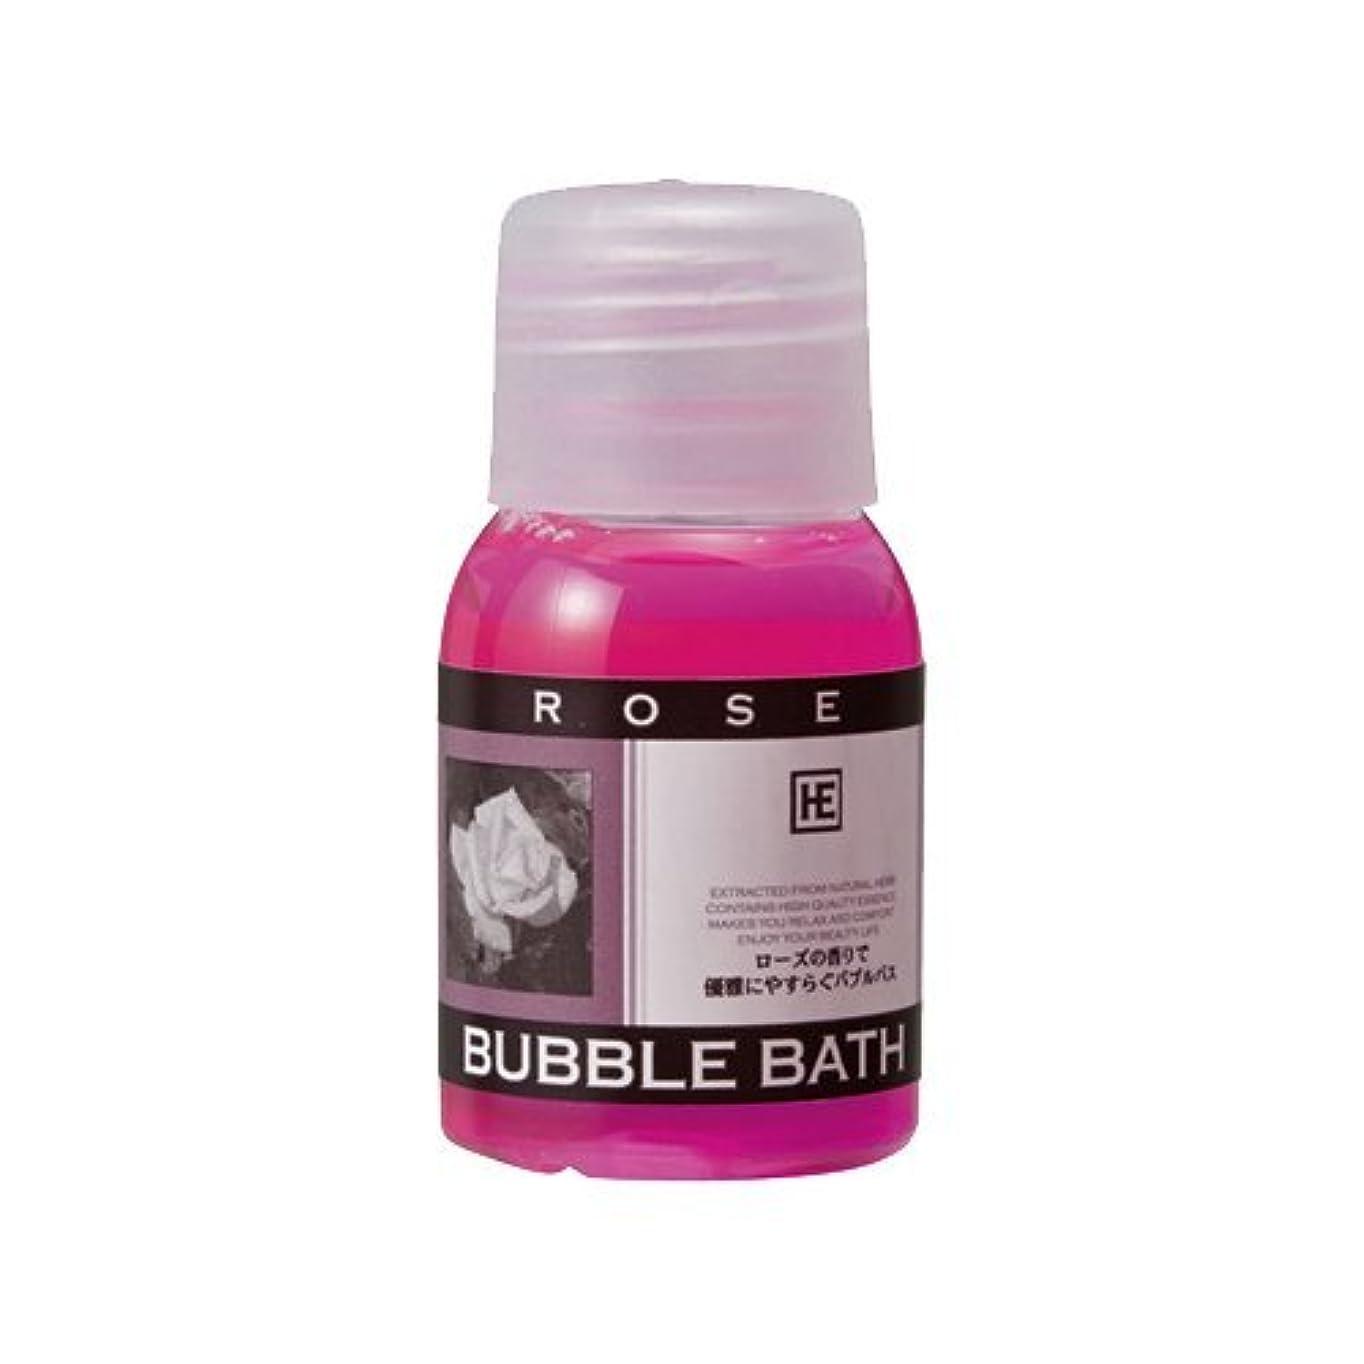 アミューズあらゆる種類のクライマックスハーバルエクストラ バブルバス ミニボトル ローズの香り × 5個セット - ホテルアメニティ 業務用 発泡入浴剤 (BUBBLE BATH)